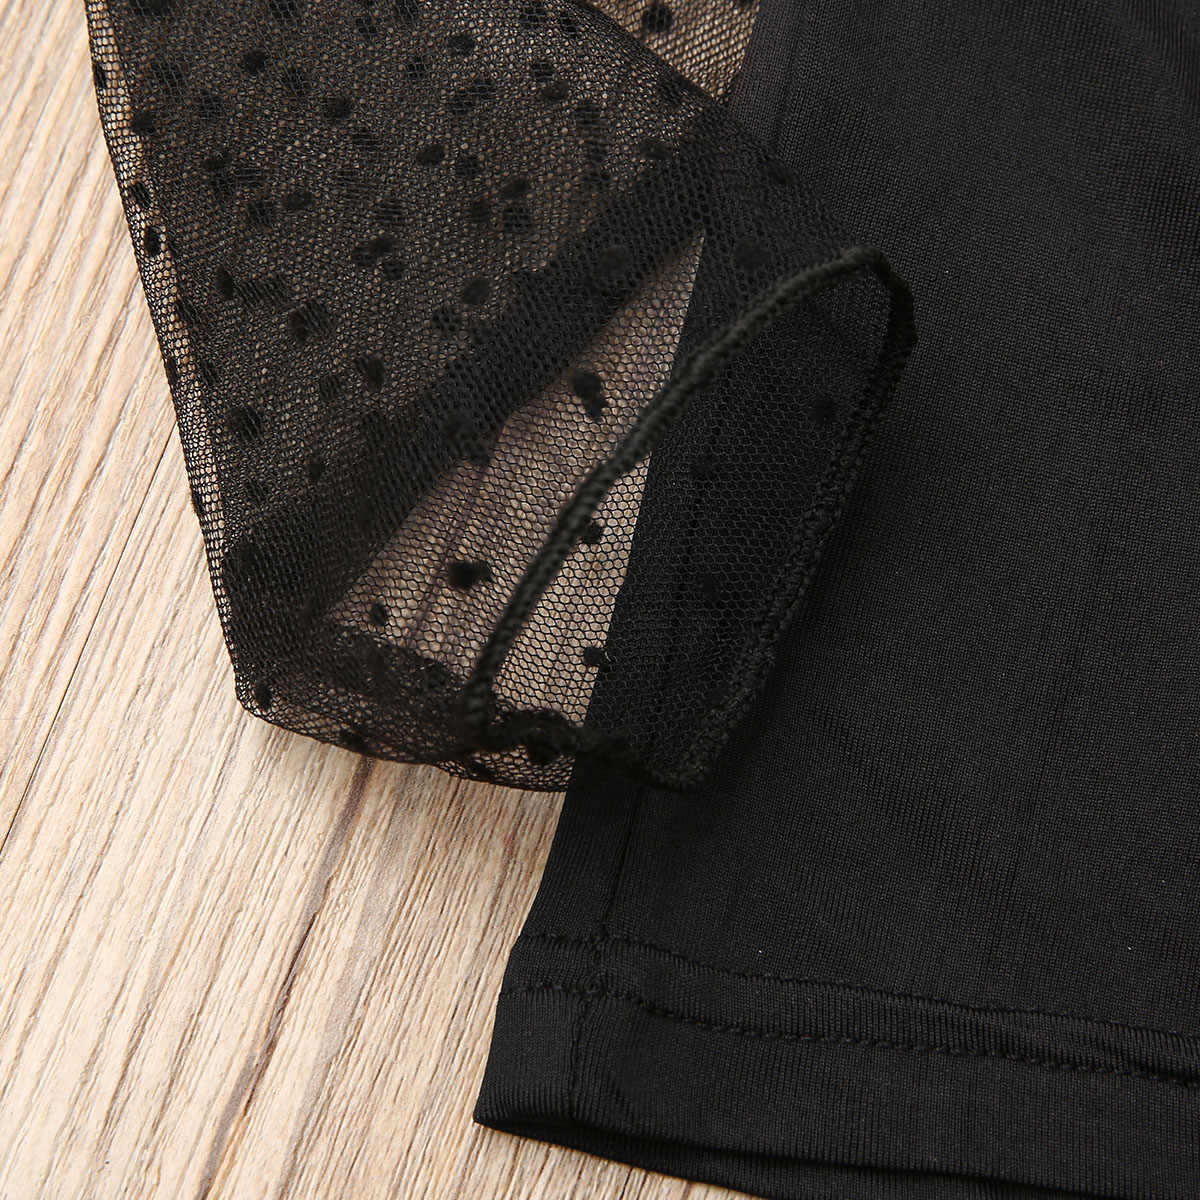 CYSINCOS moda maluch 1-6Y dziewczynek Leopard odzież z nadrukiem Ruffles koronkowe topy 2020 T-shirt spódnica 2 sztuk zestaw dres stroje